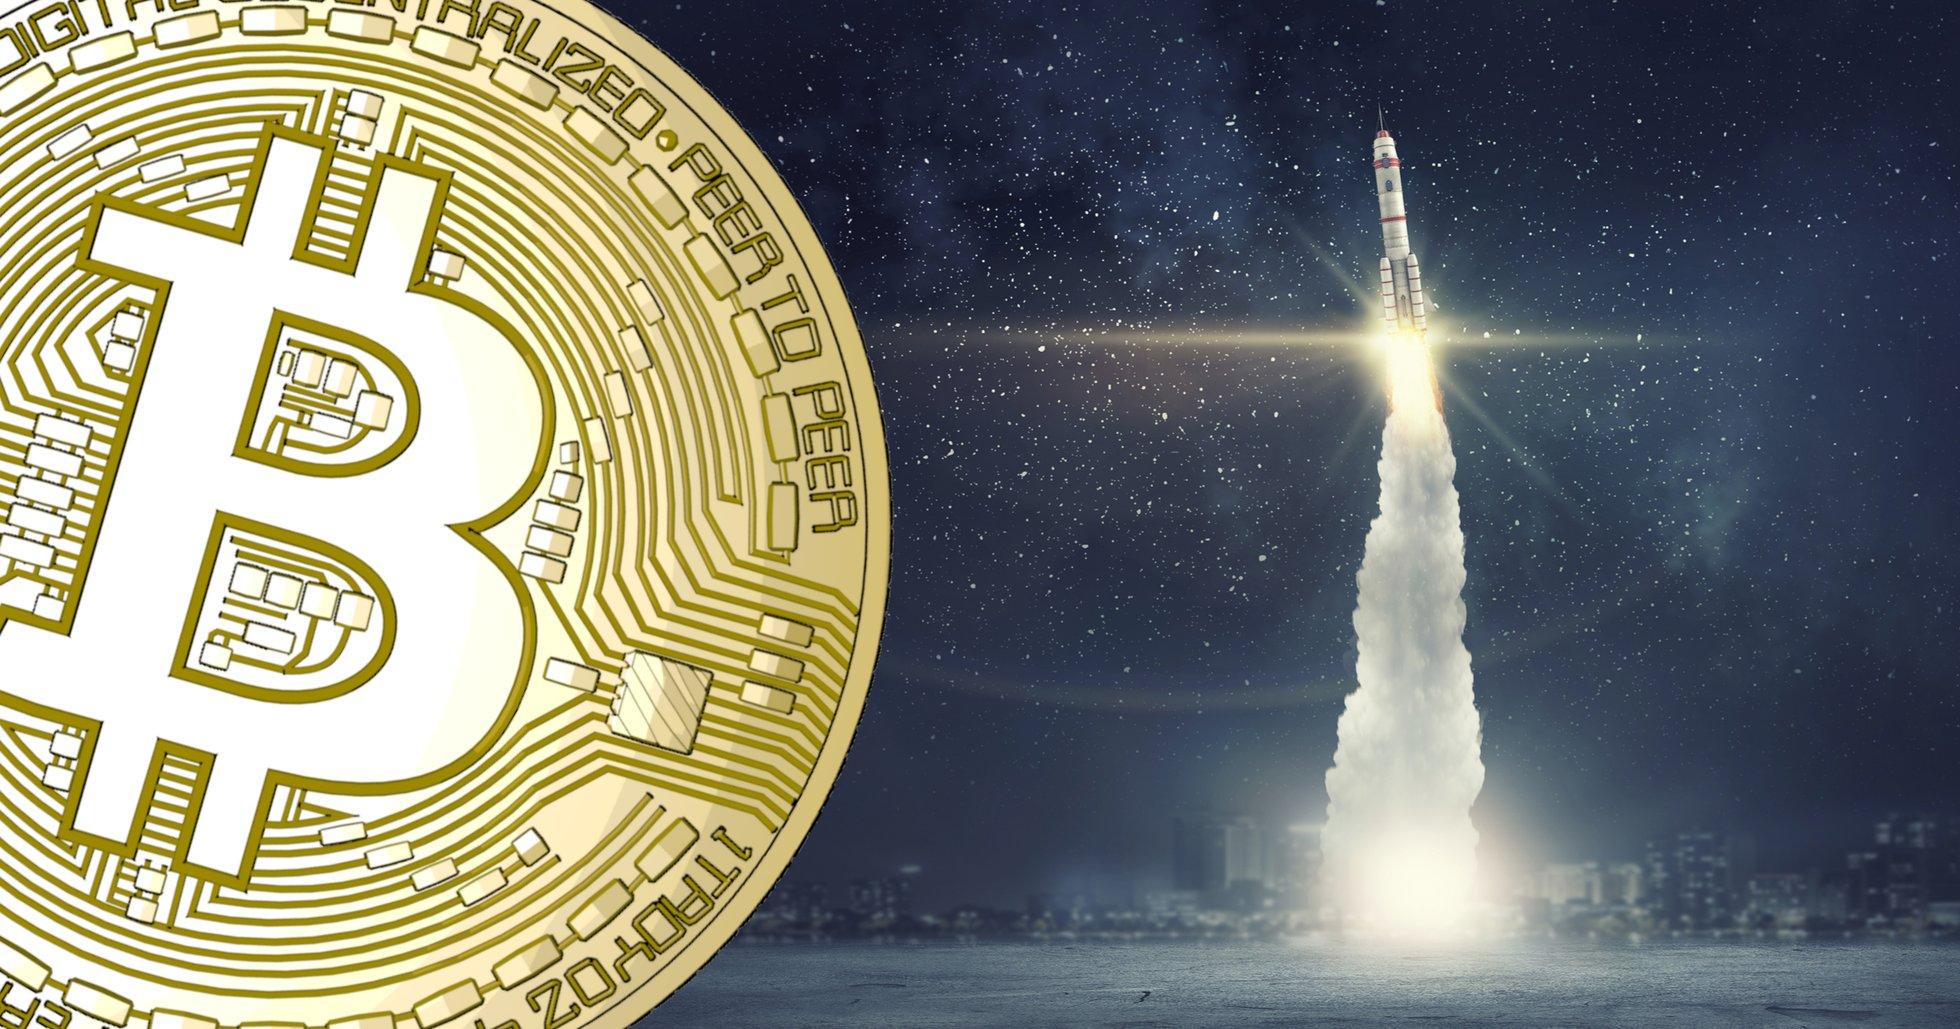 Bitcoinkursen på nytt årshögsta – närmar sig 10 000 dollar.